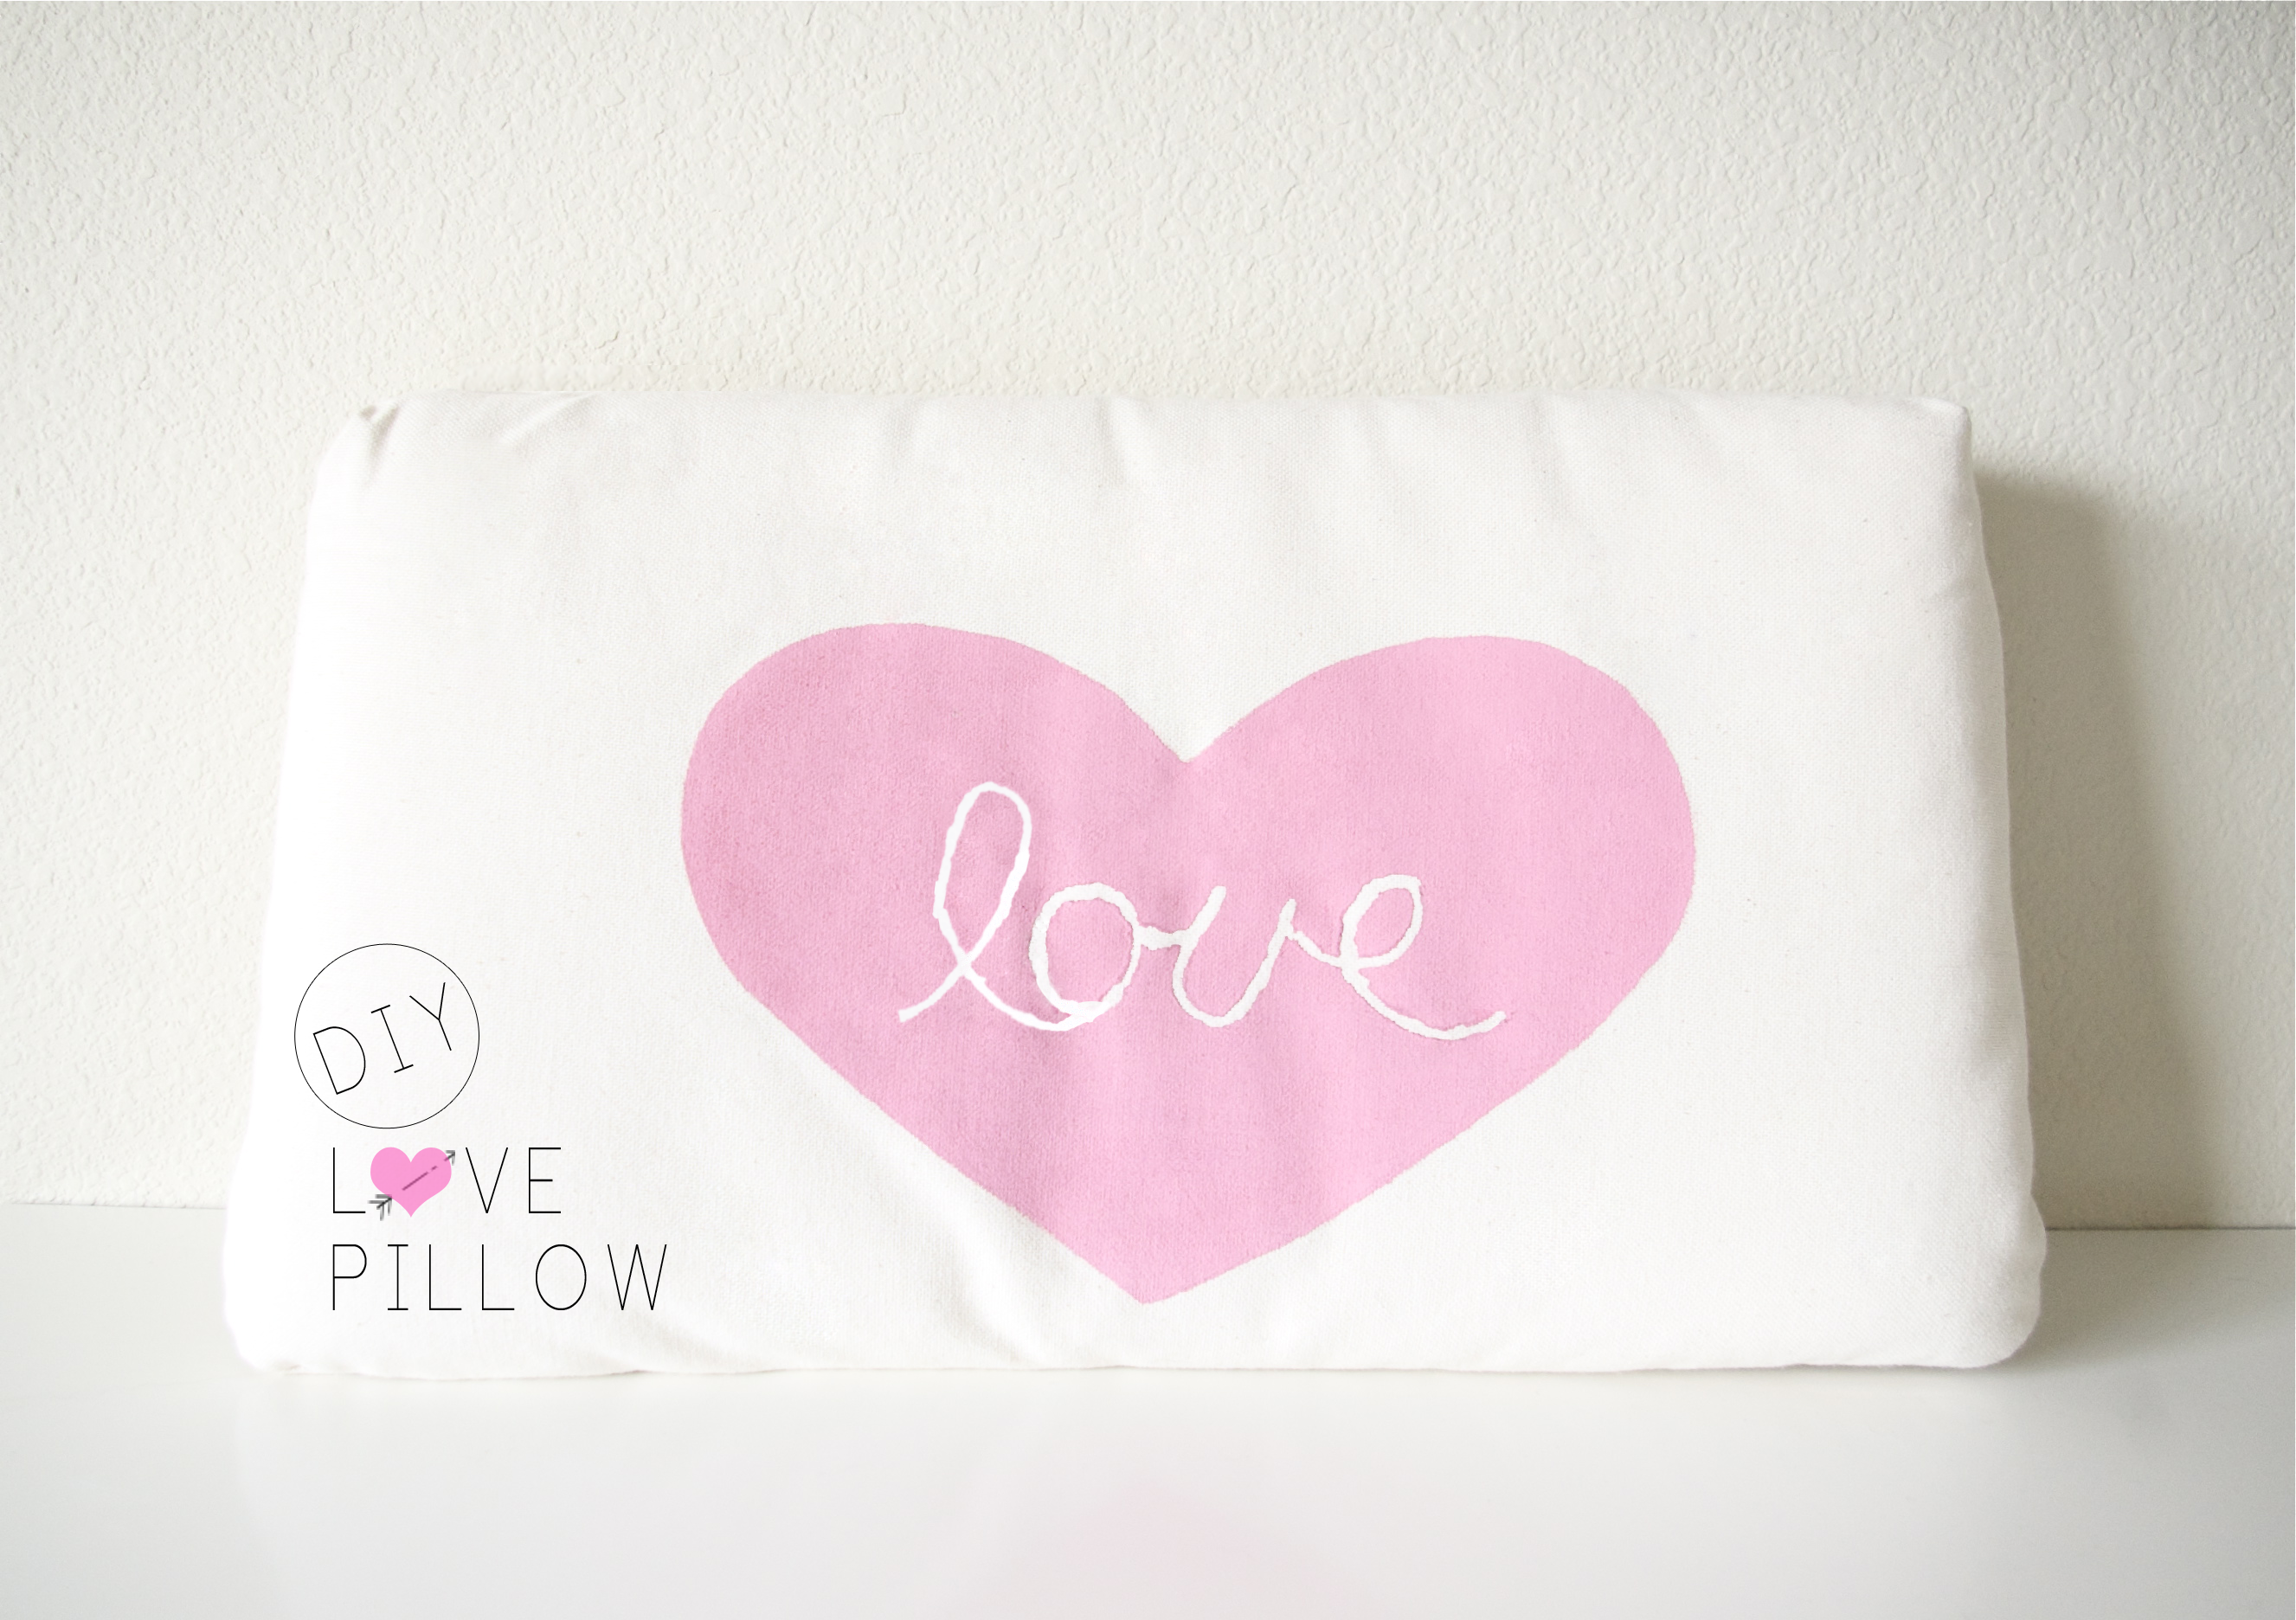 DIY love pillow & DIY // Love Pillow | Sugar \u0026 Cloth pillowsntoast.com